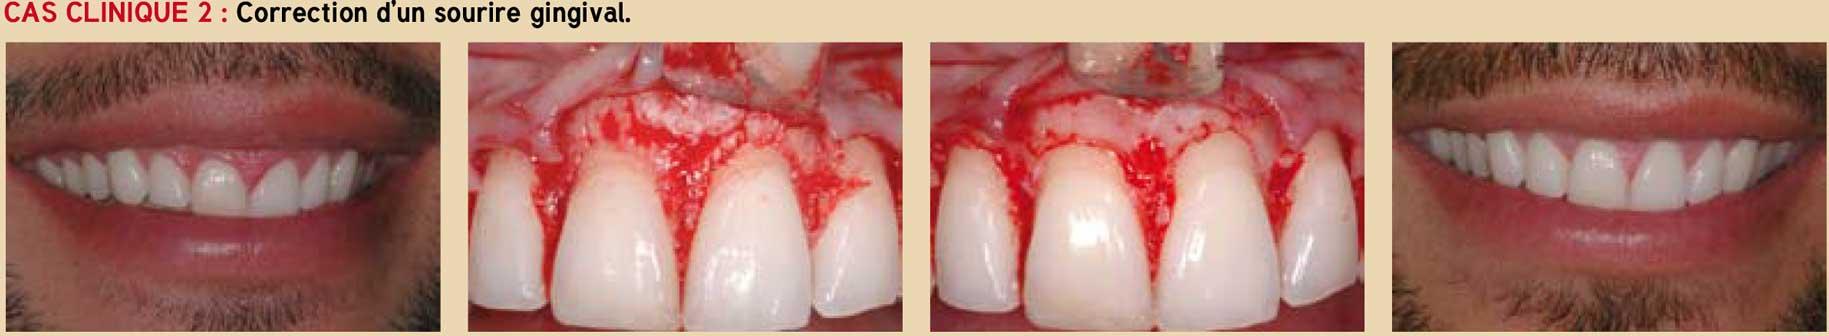 Le-diagnostic-parodontal